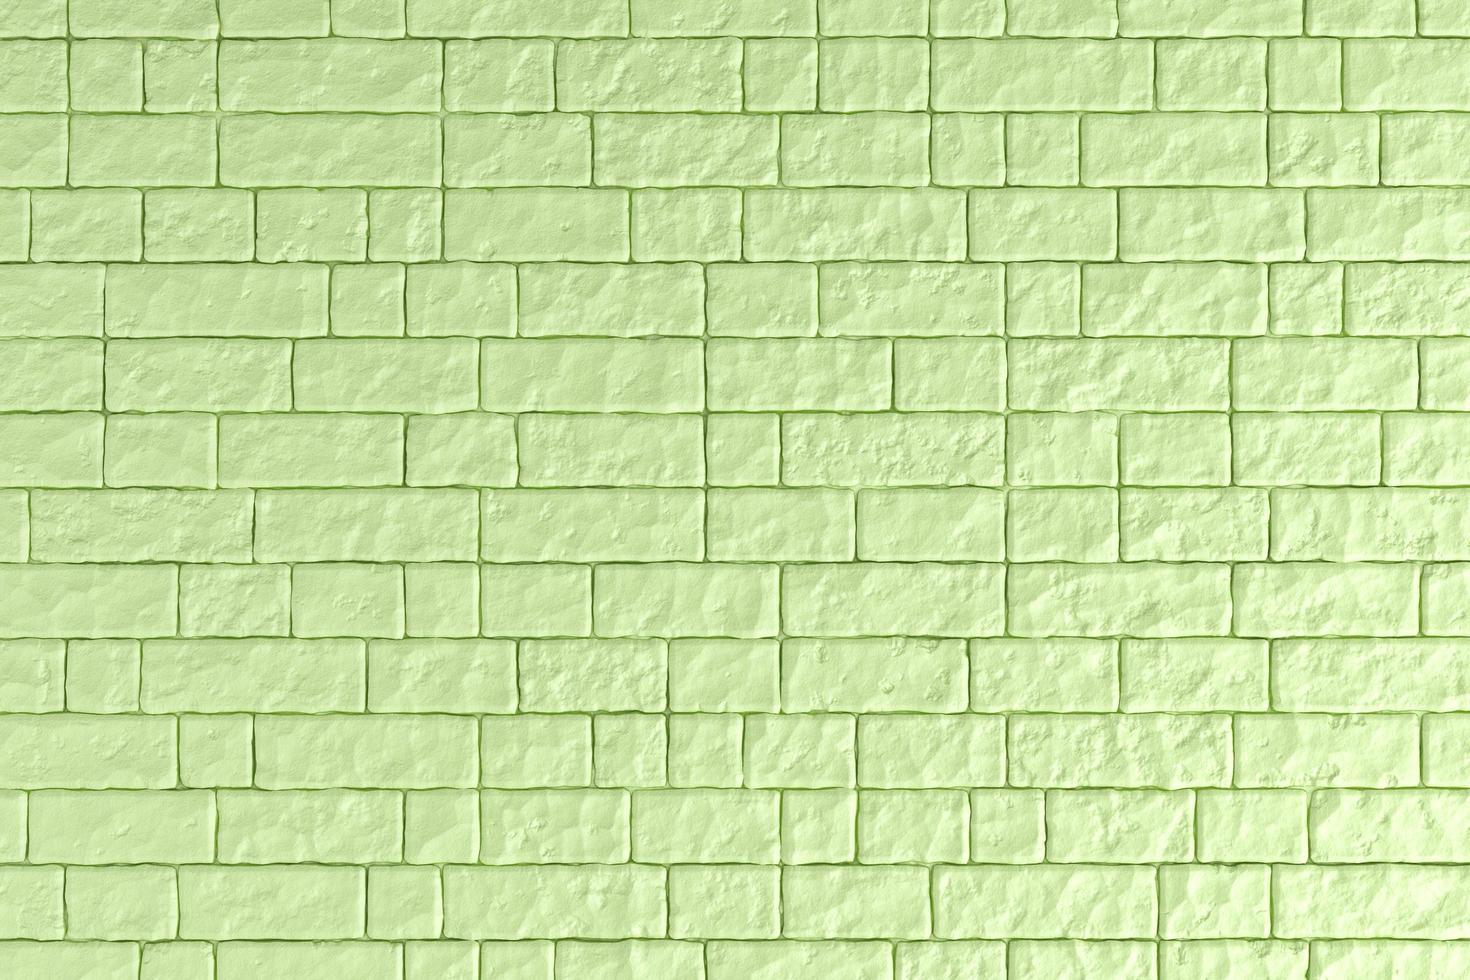 3d illustratie van een groene bakstenen muur foto